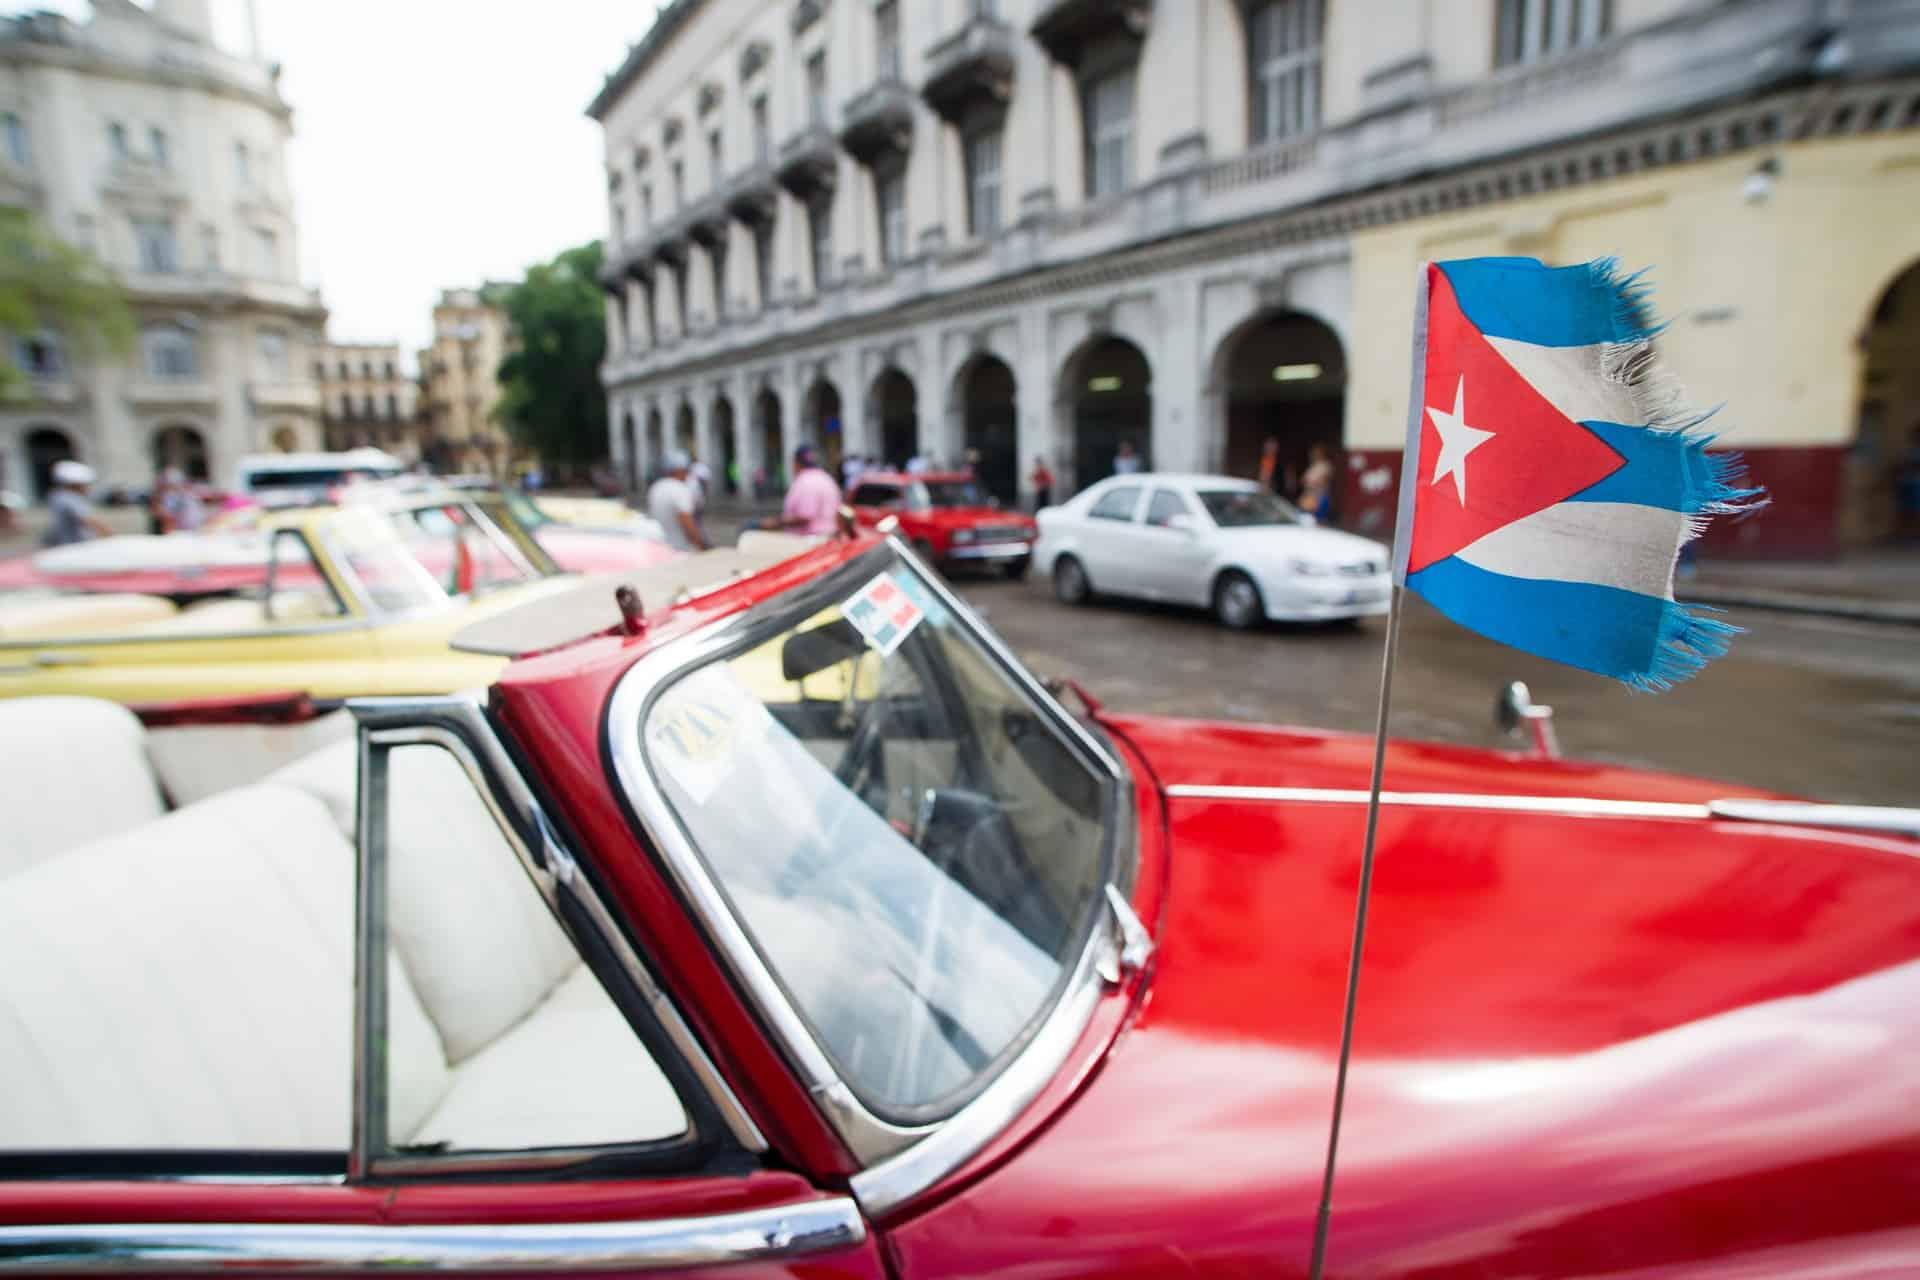 Städtereise nach Havanna bis Heute fahren hier fast nur Oldtimer durch die Straßen